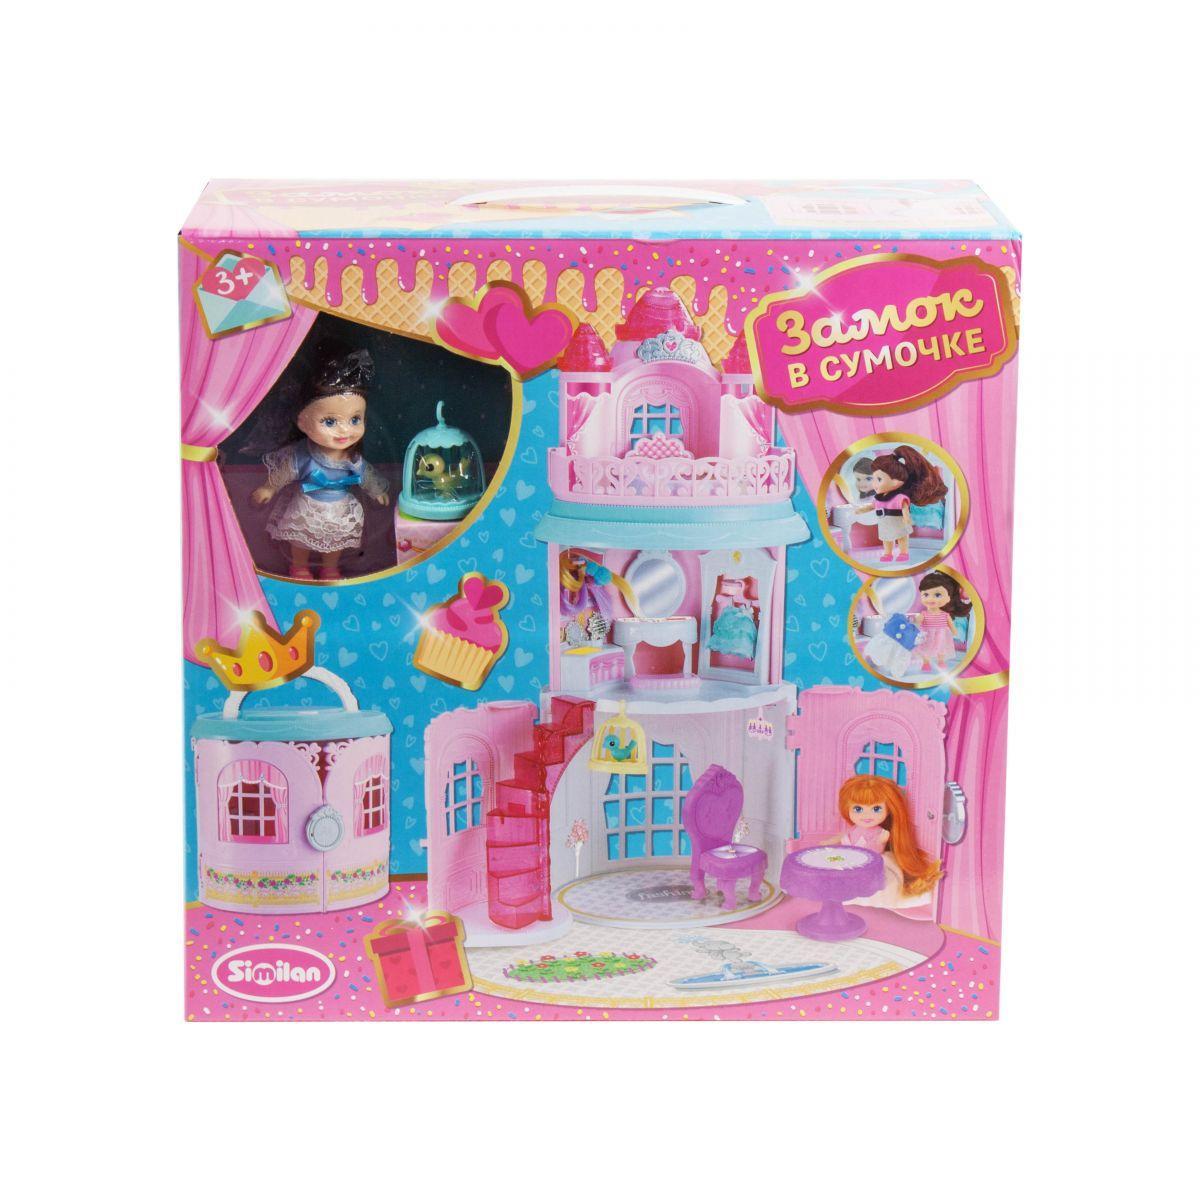 Домик  Замок в сумочке  с куклой